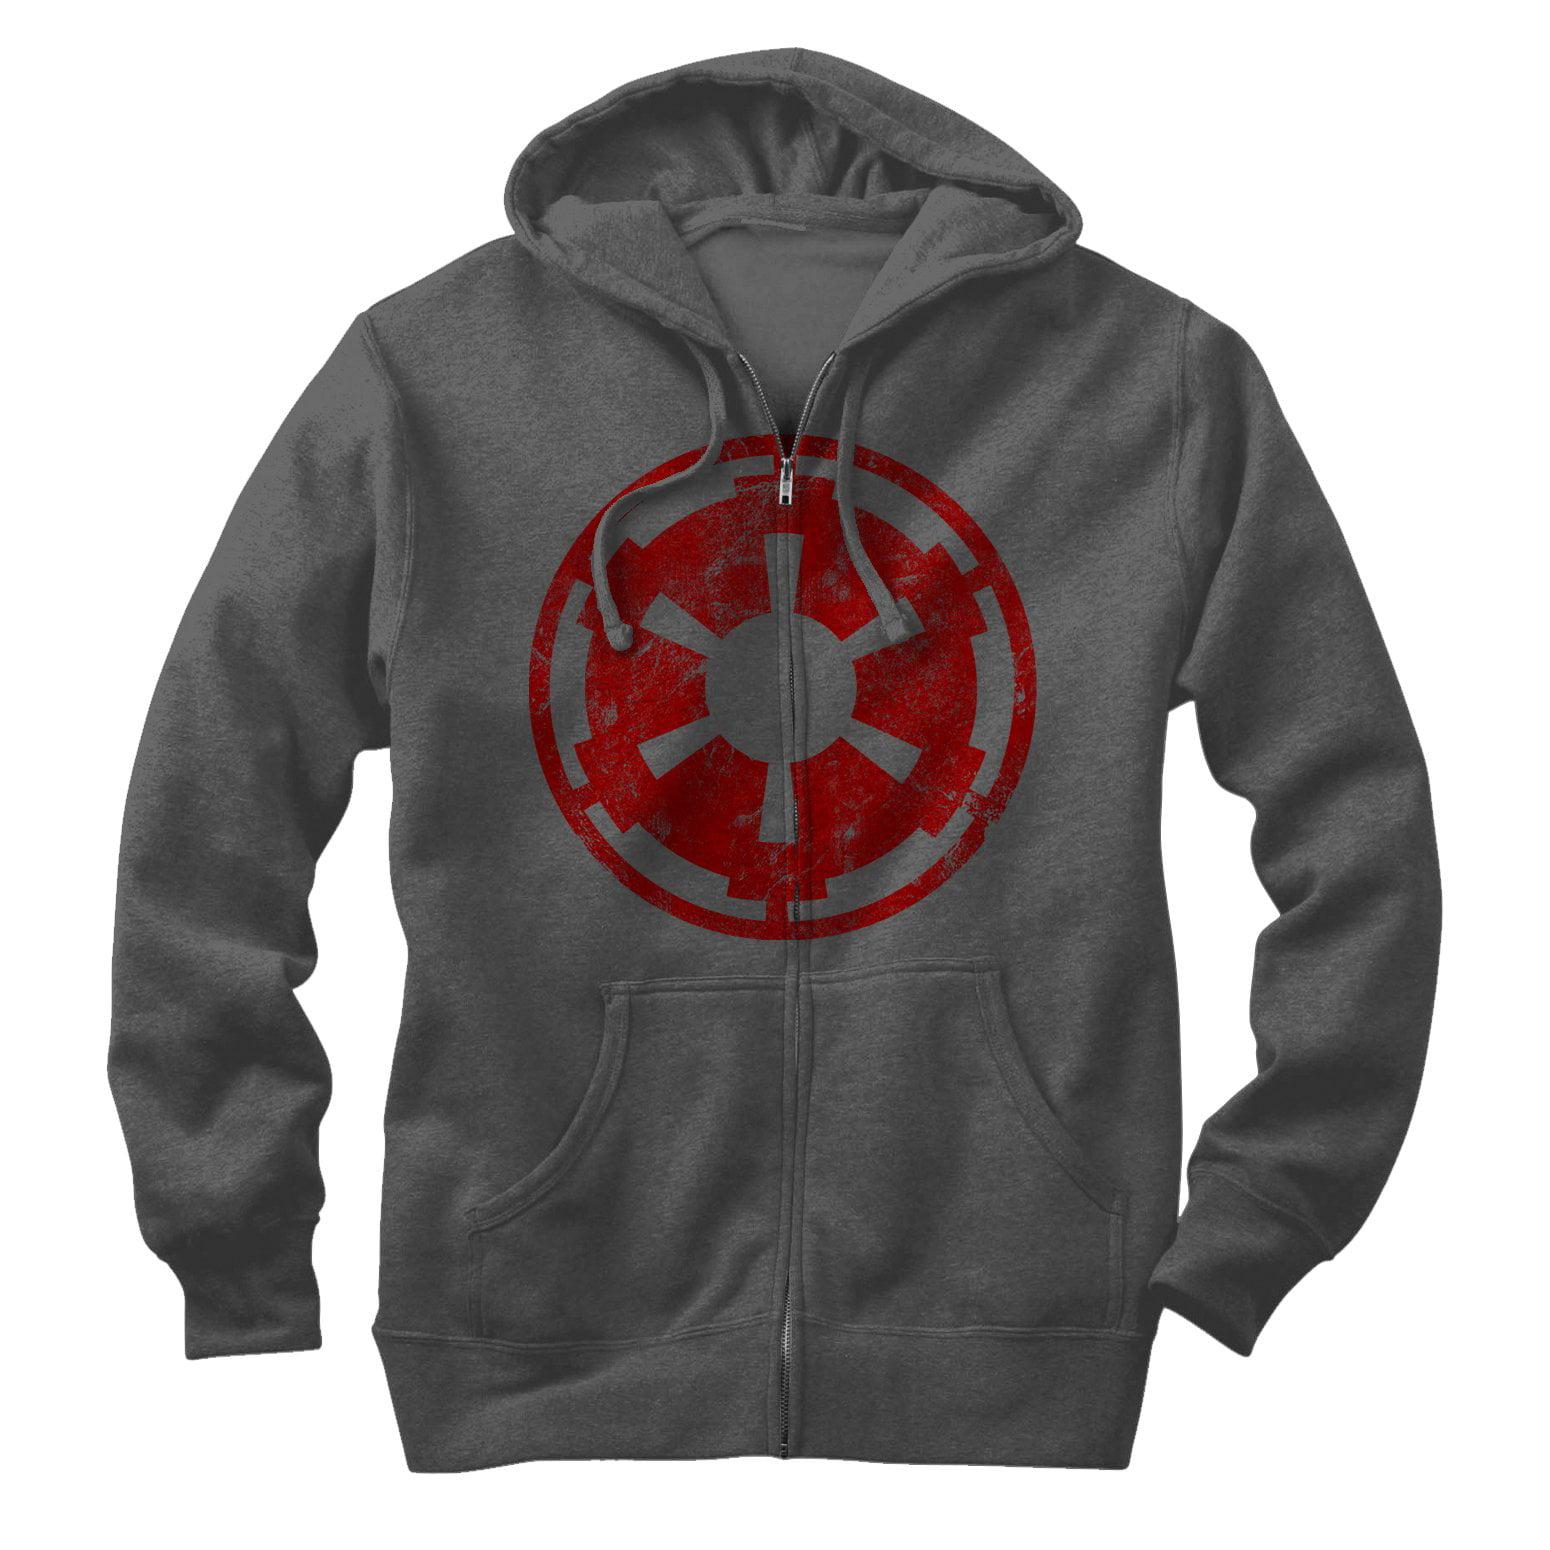 Star Wars Men's Empire Emblem Zip Up Hoodie